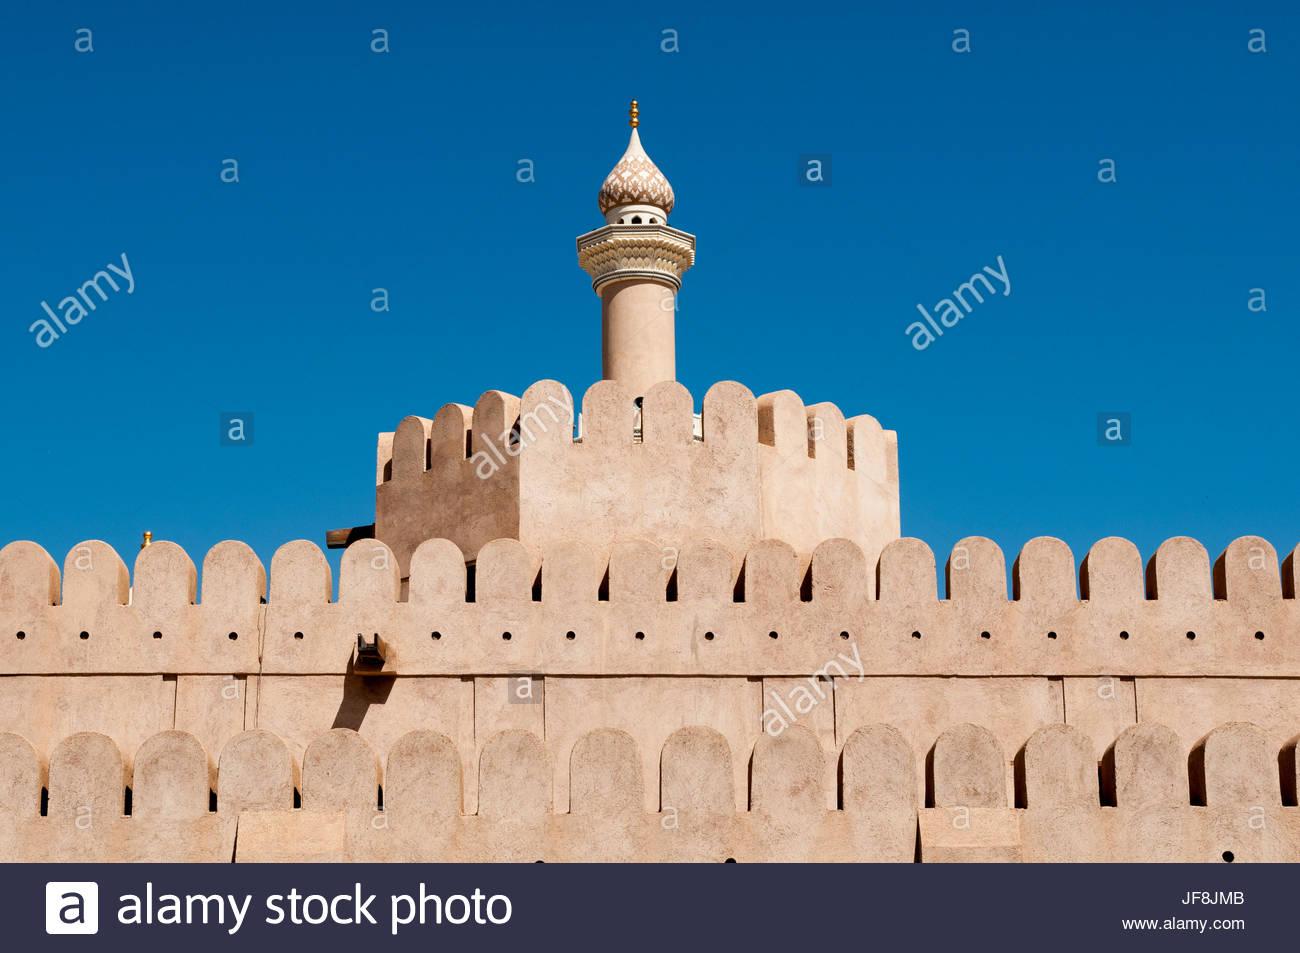 Dettagli dell'architettura a Nizwa fort. Immagini Stock